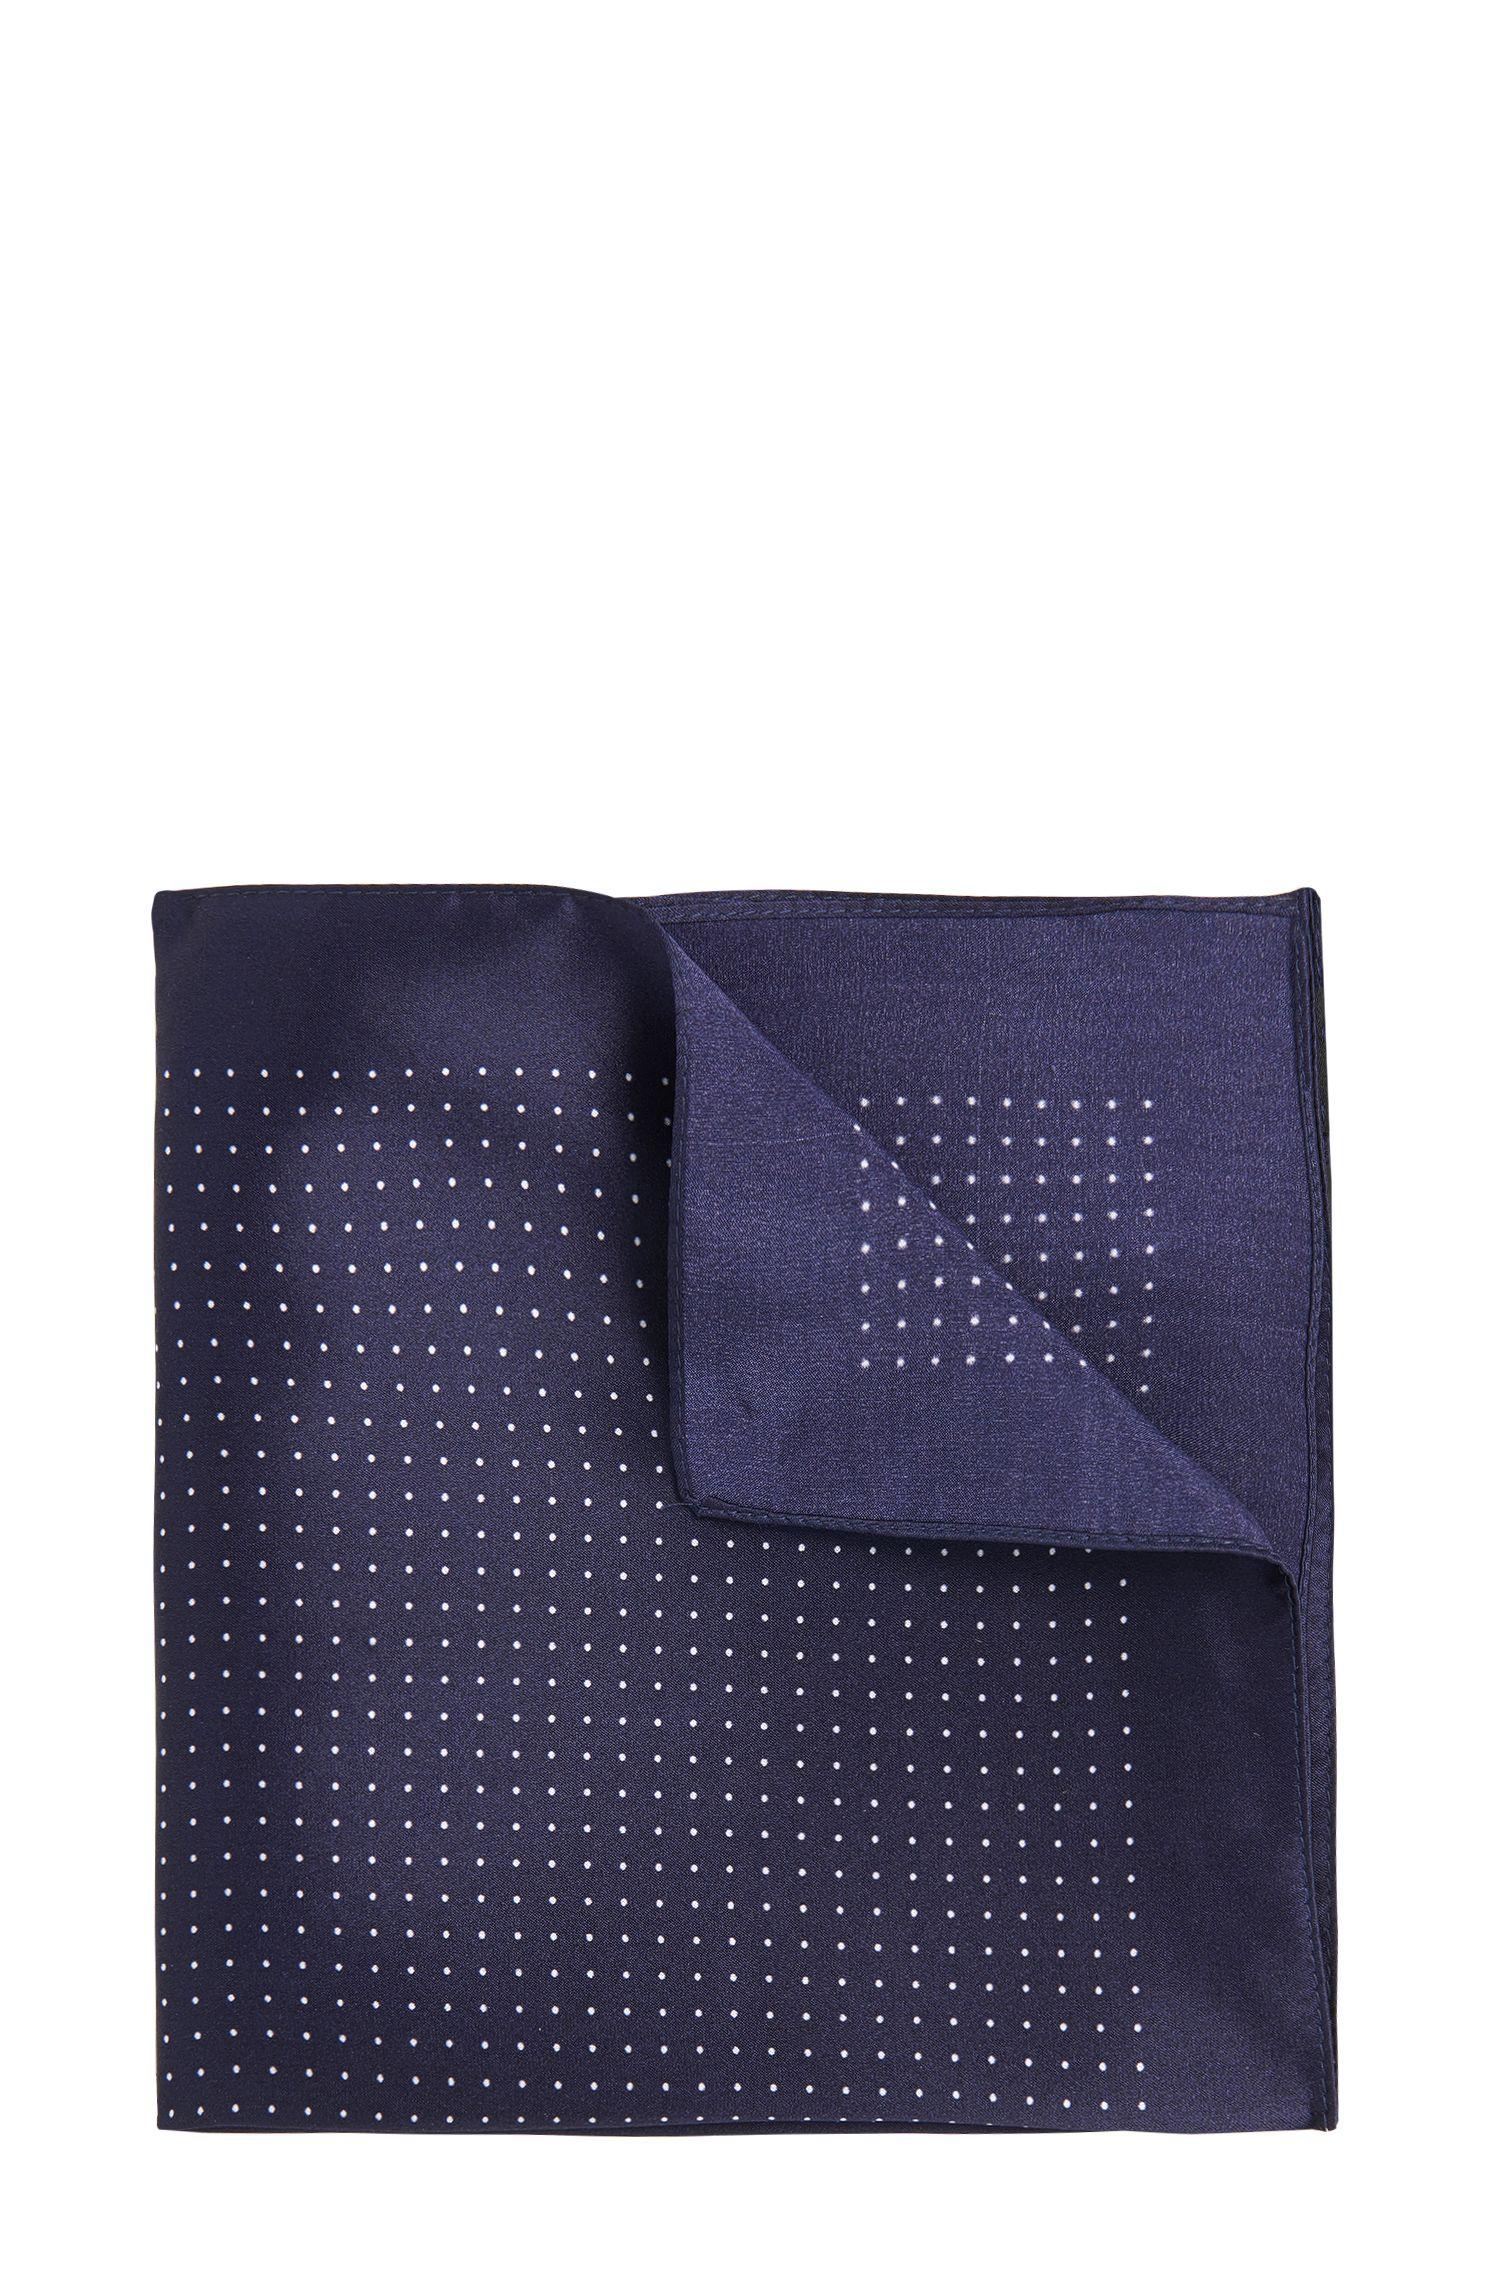 Pochette da taschino in seta con motivo a pois